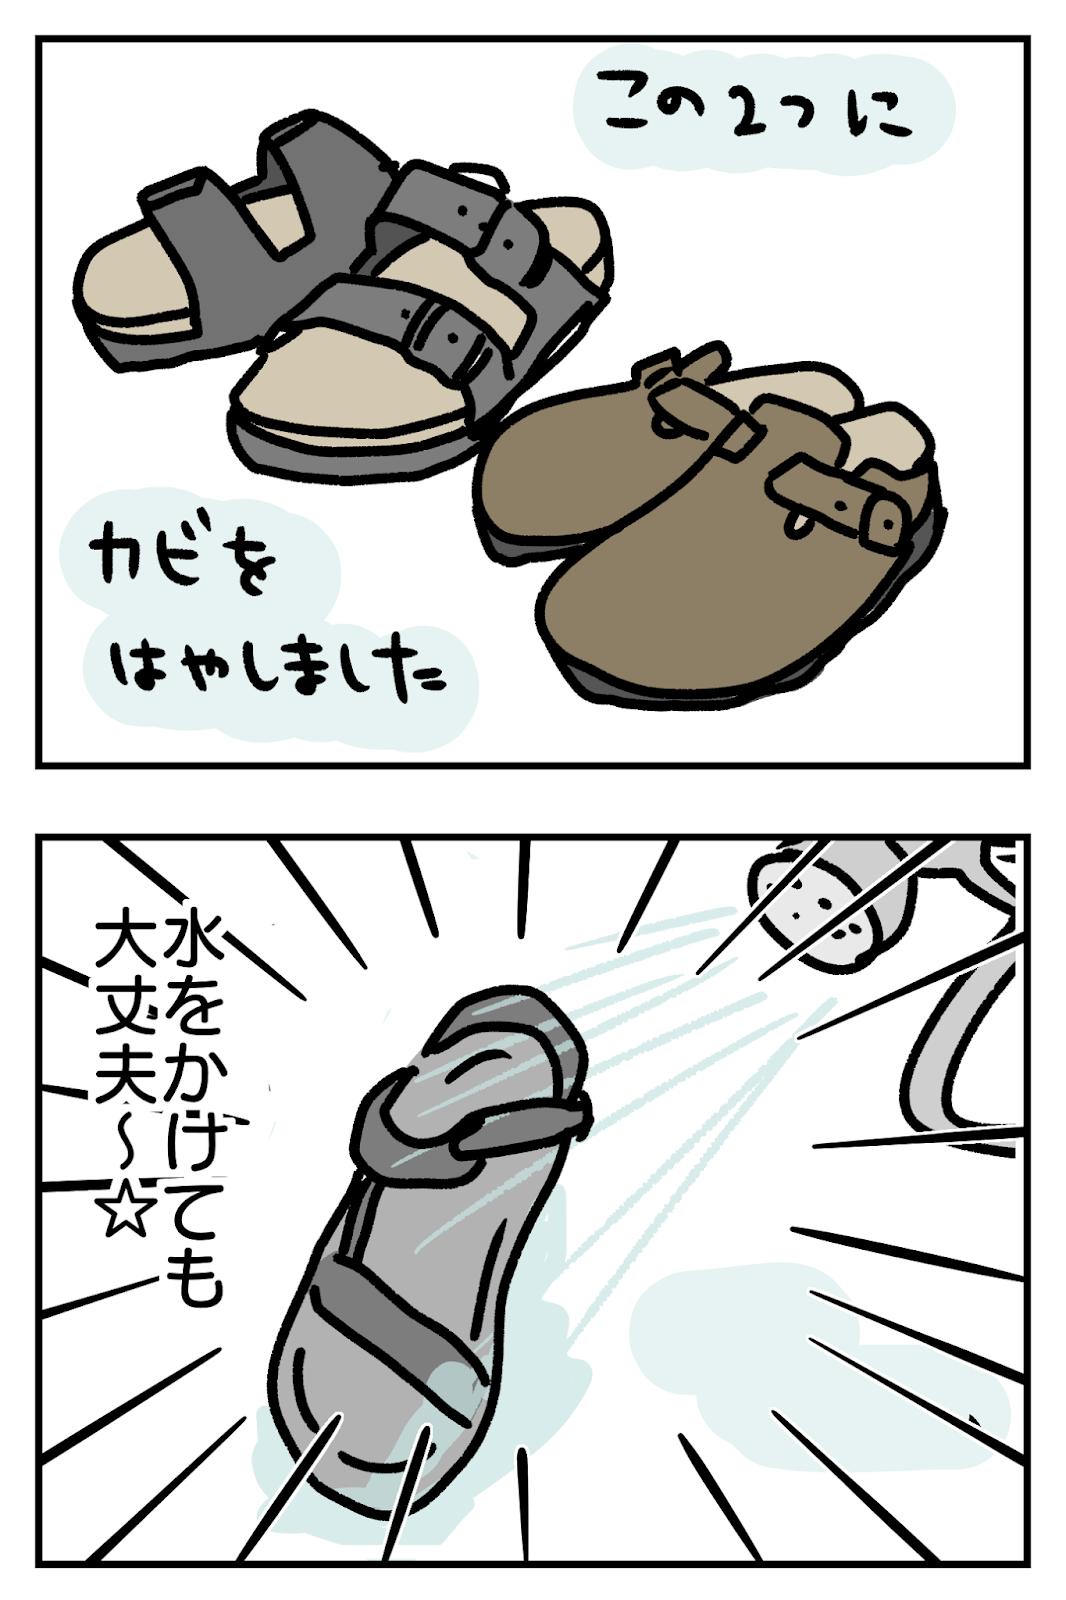 水に濡らしてカビを生やしたサンダルは数知れずだけどテバ(teva)サンダルなら大丈夫2コマ漫画